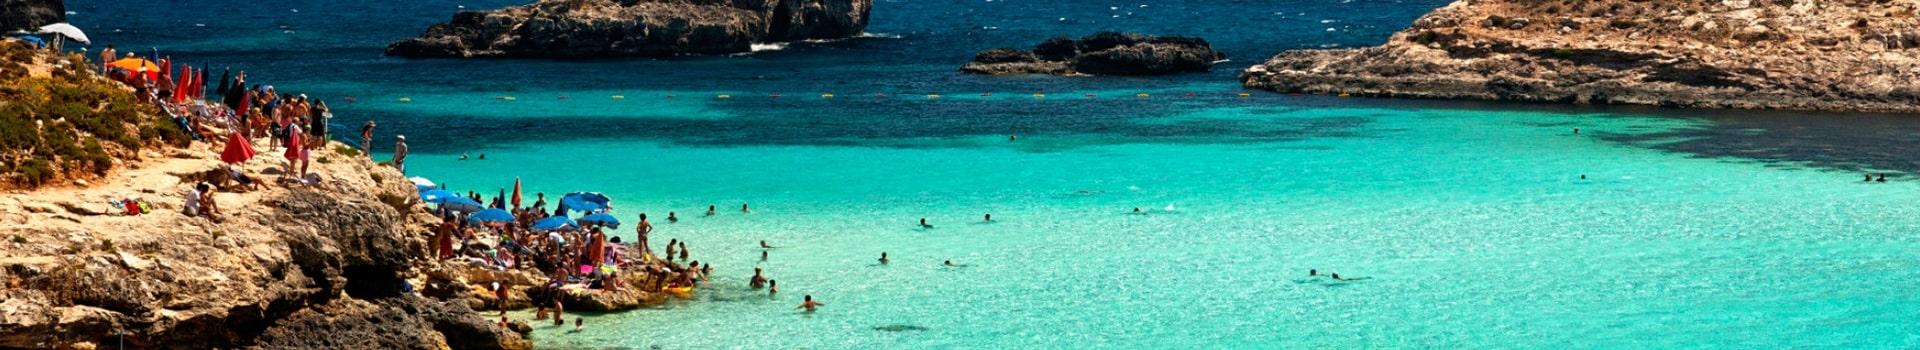 malta-citizenship-4-min